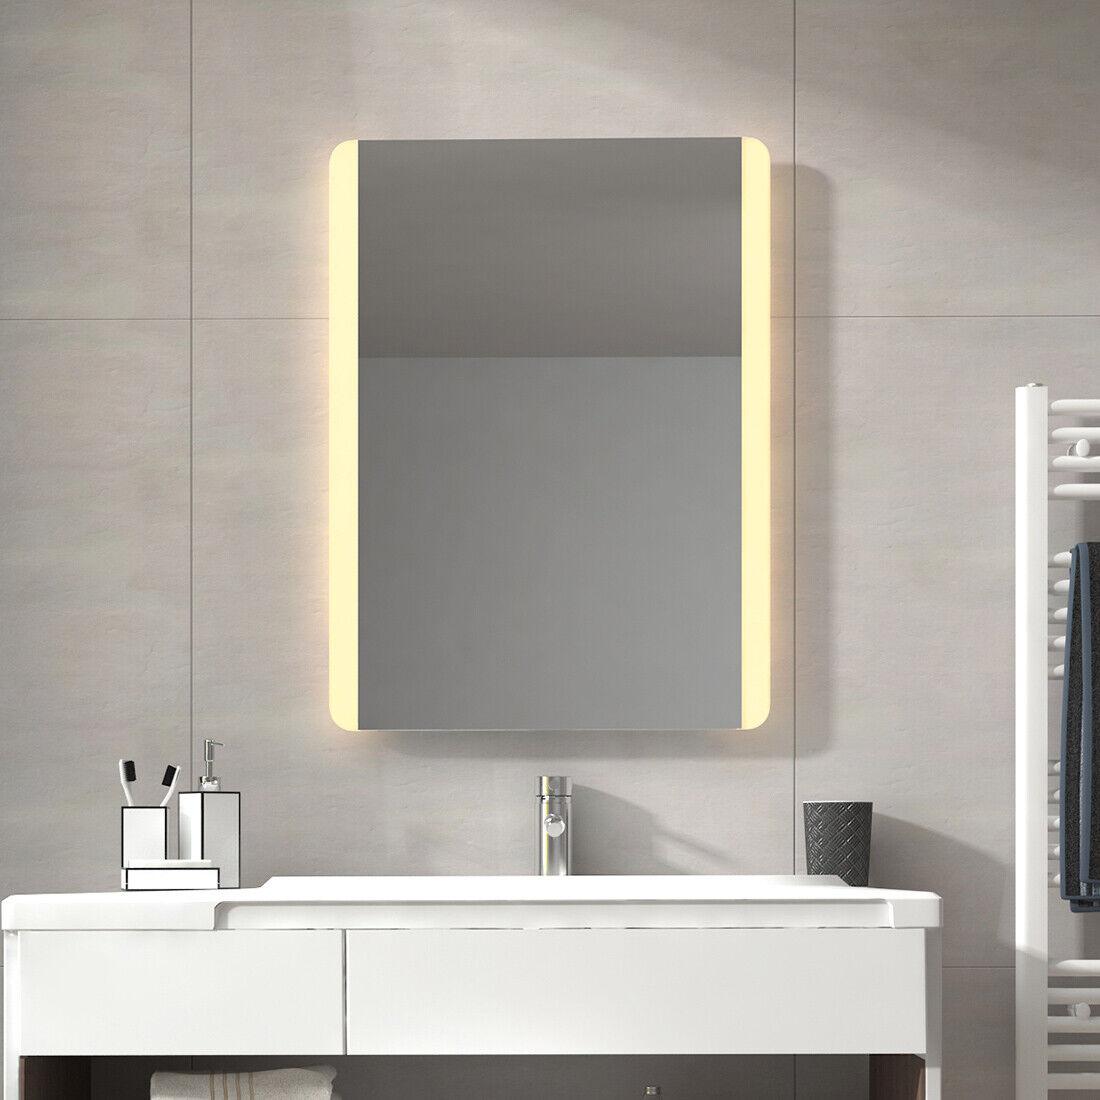 Badezimmerspiegel mit LED LED LED Beleuchtung Badspiegel Wandspiegel Bad Spiegel Licht 532a31